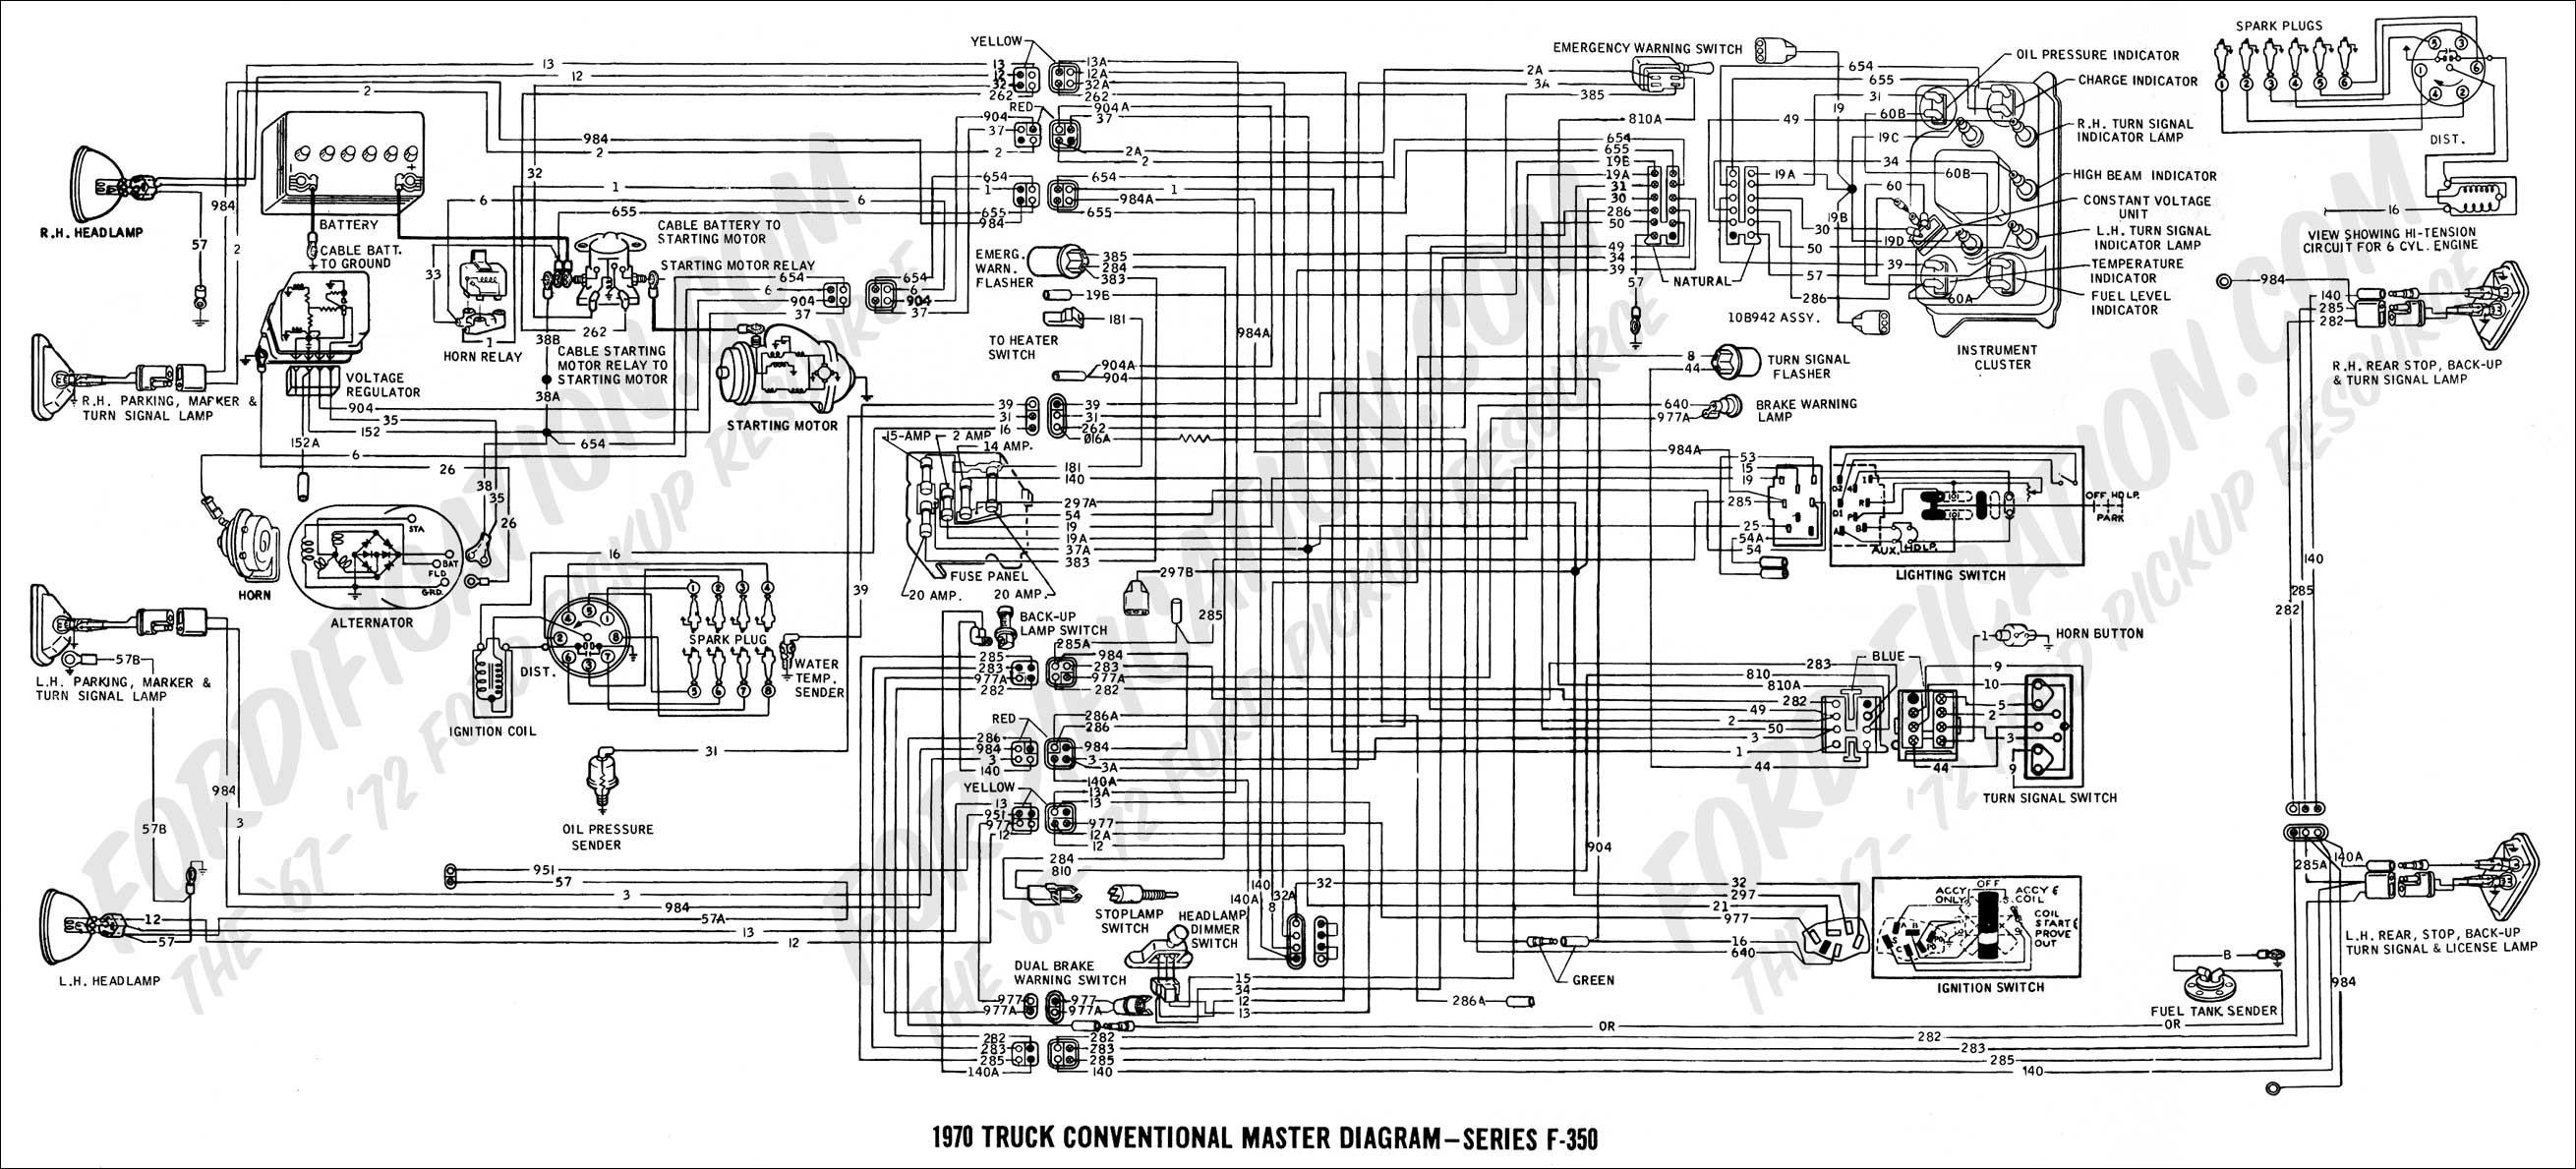 2001 ford Taurus Engine Diagram ford F350 Wiring Diagram 2 Lenito Of 2001 ford Taurus Engine Diagram